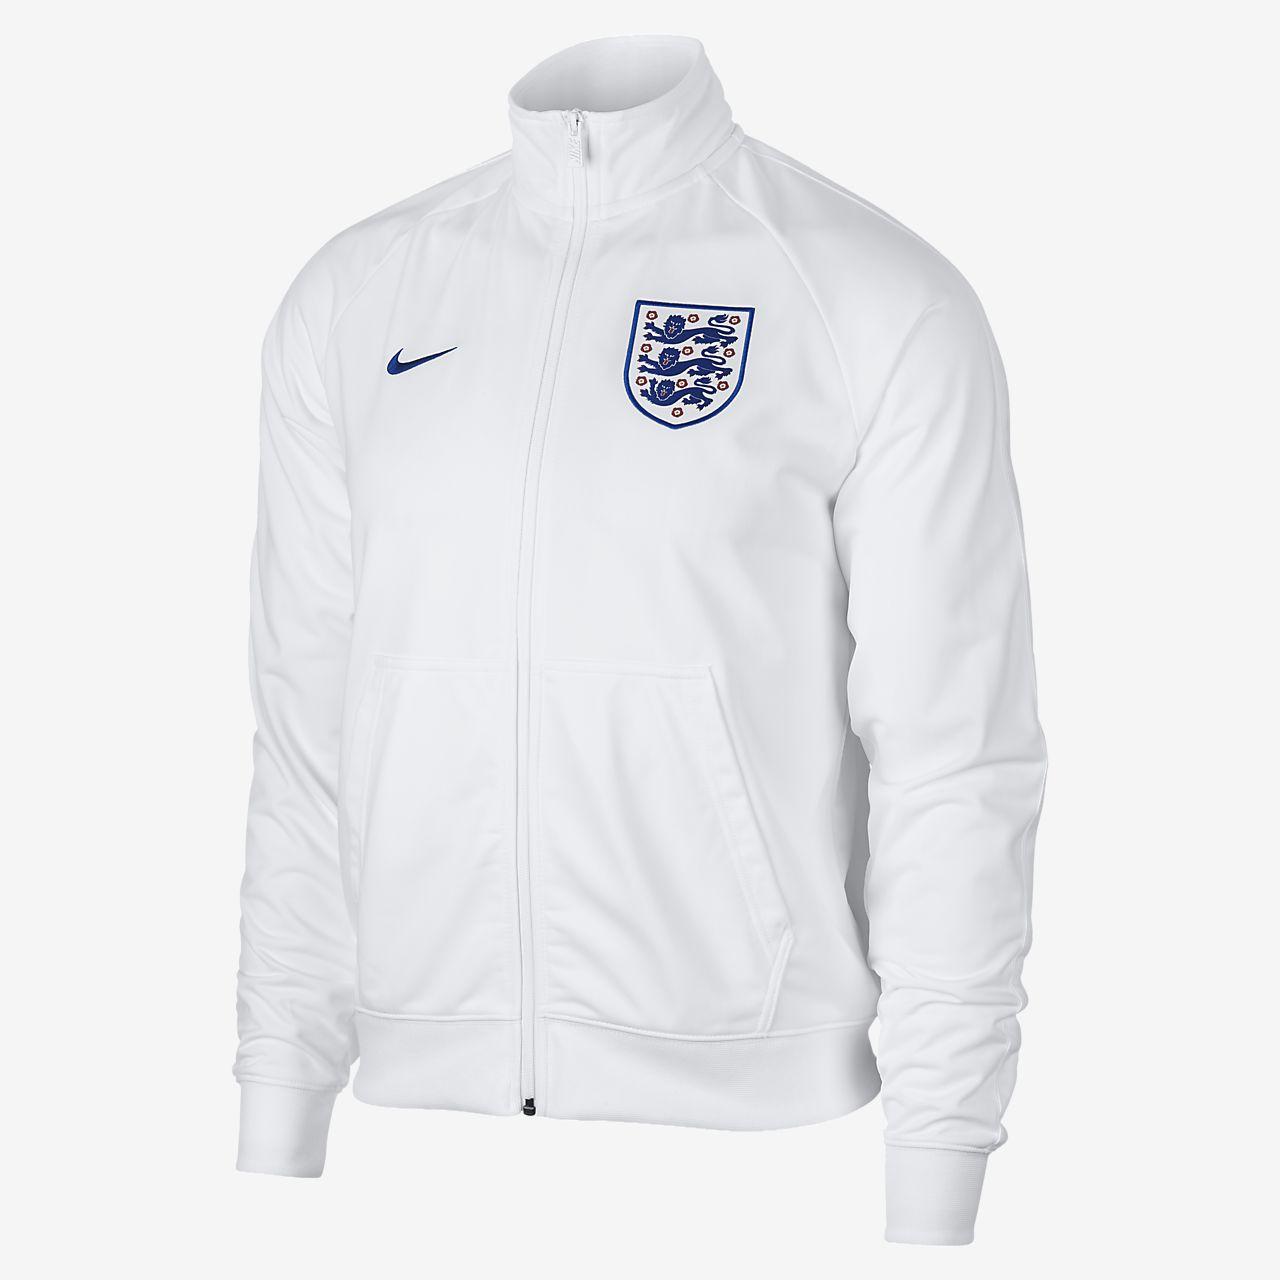 England Chaqueta deportiva - Hombre. Nike.com ES 3931039146ac3